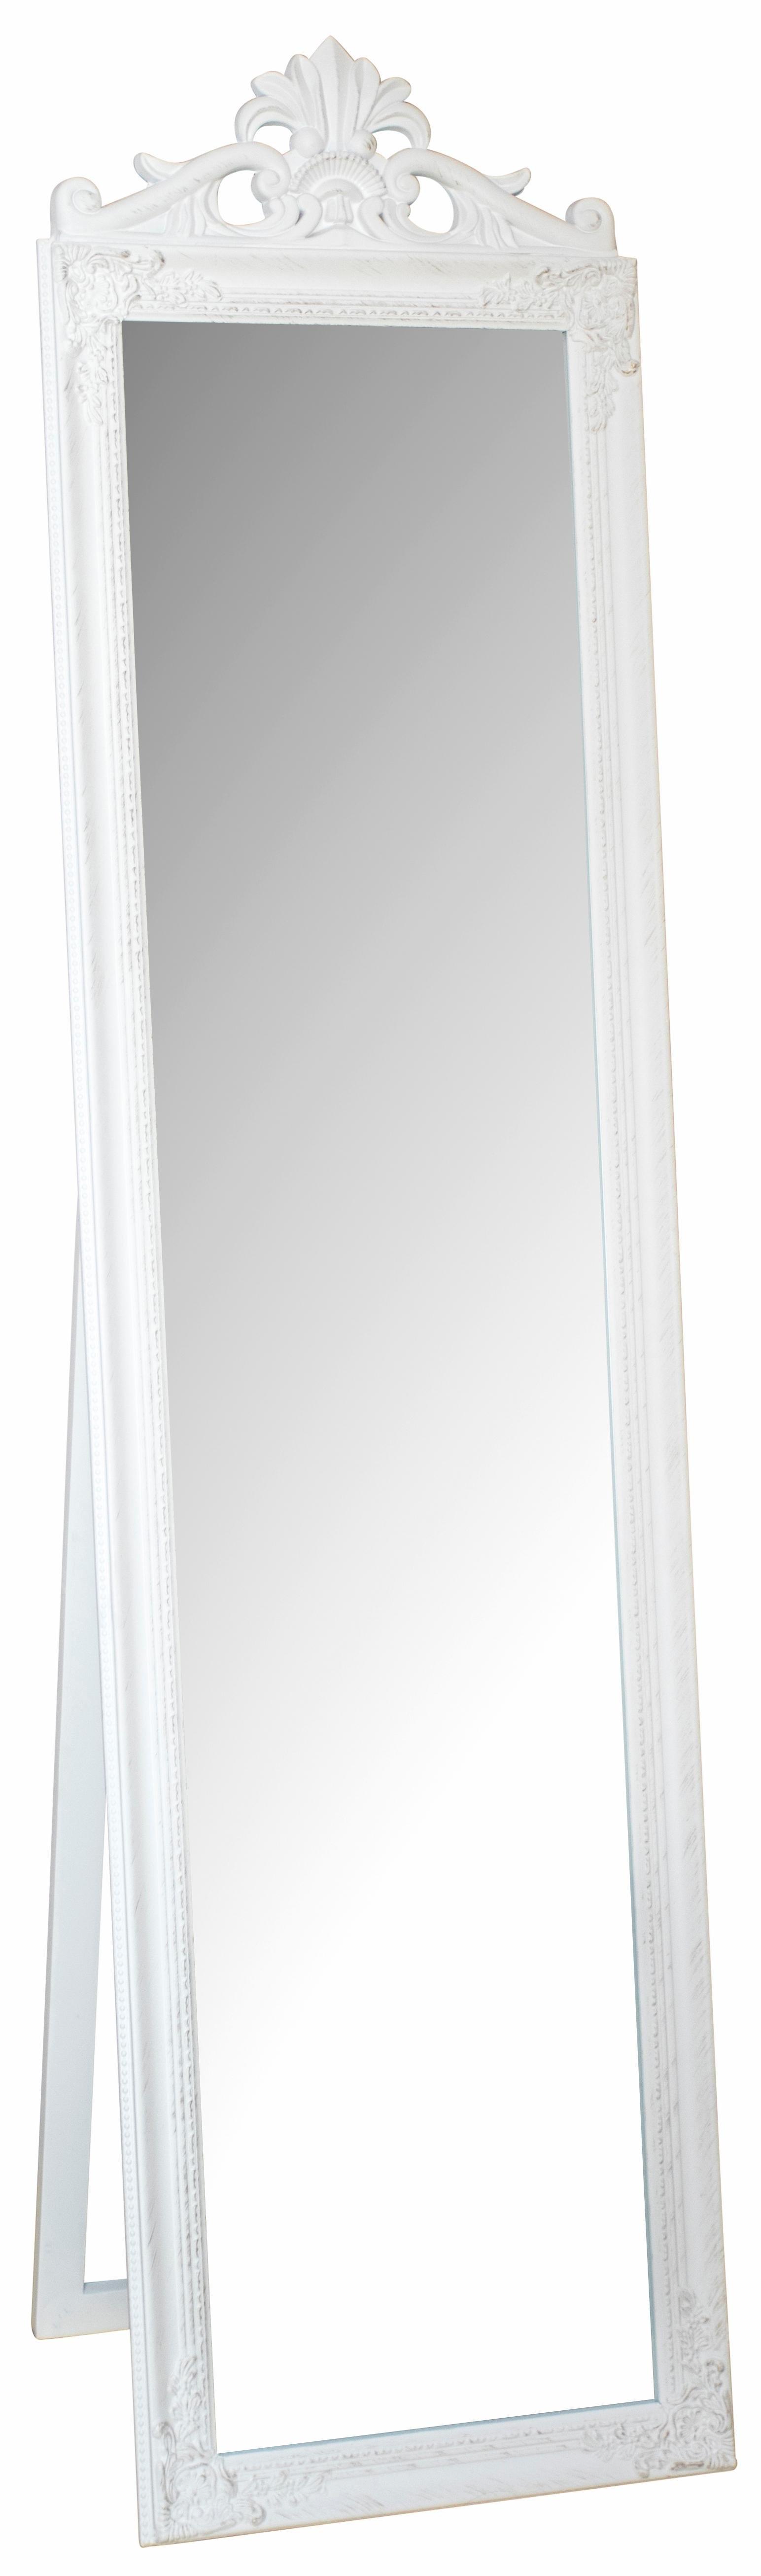 home affaire verticale spiegel king bestellen bij otto